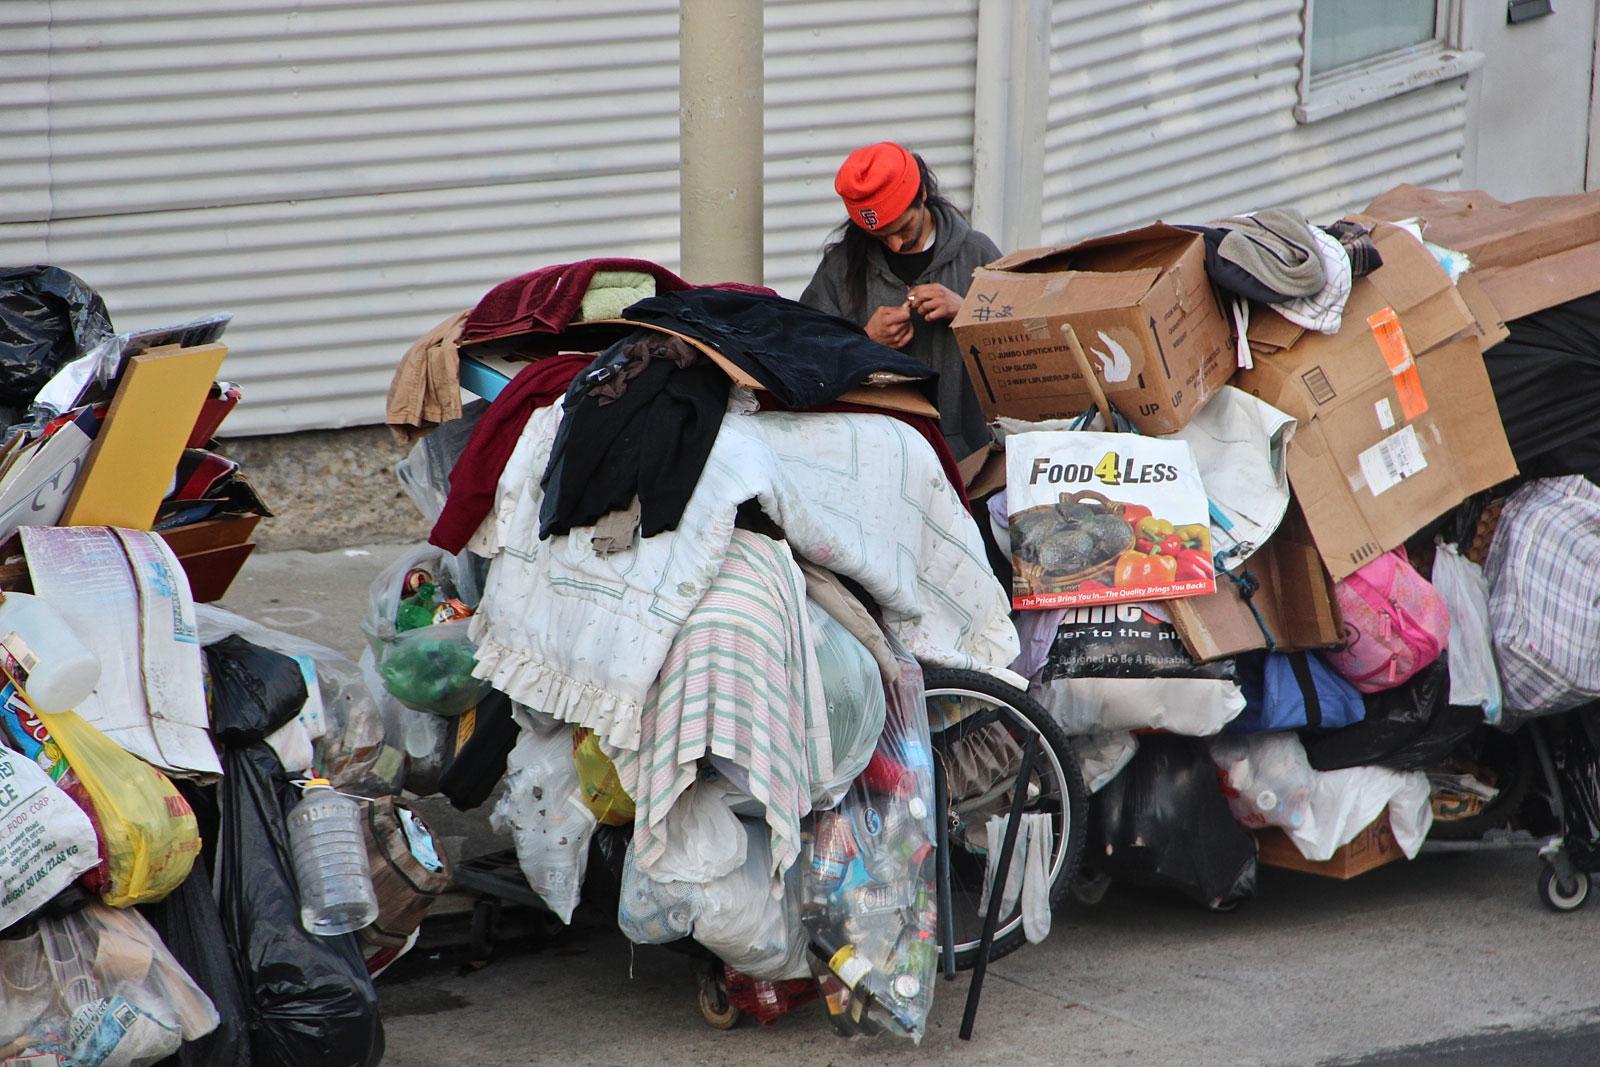 carts-piled-high